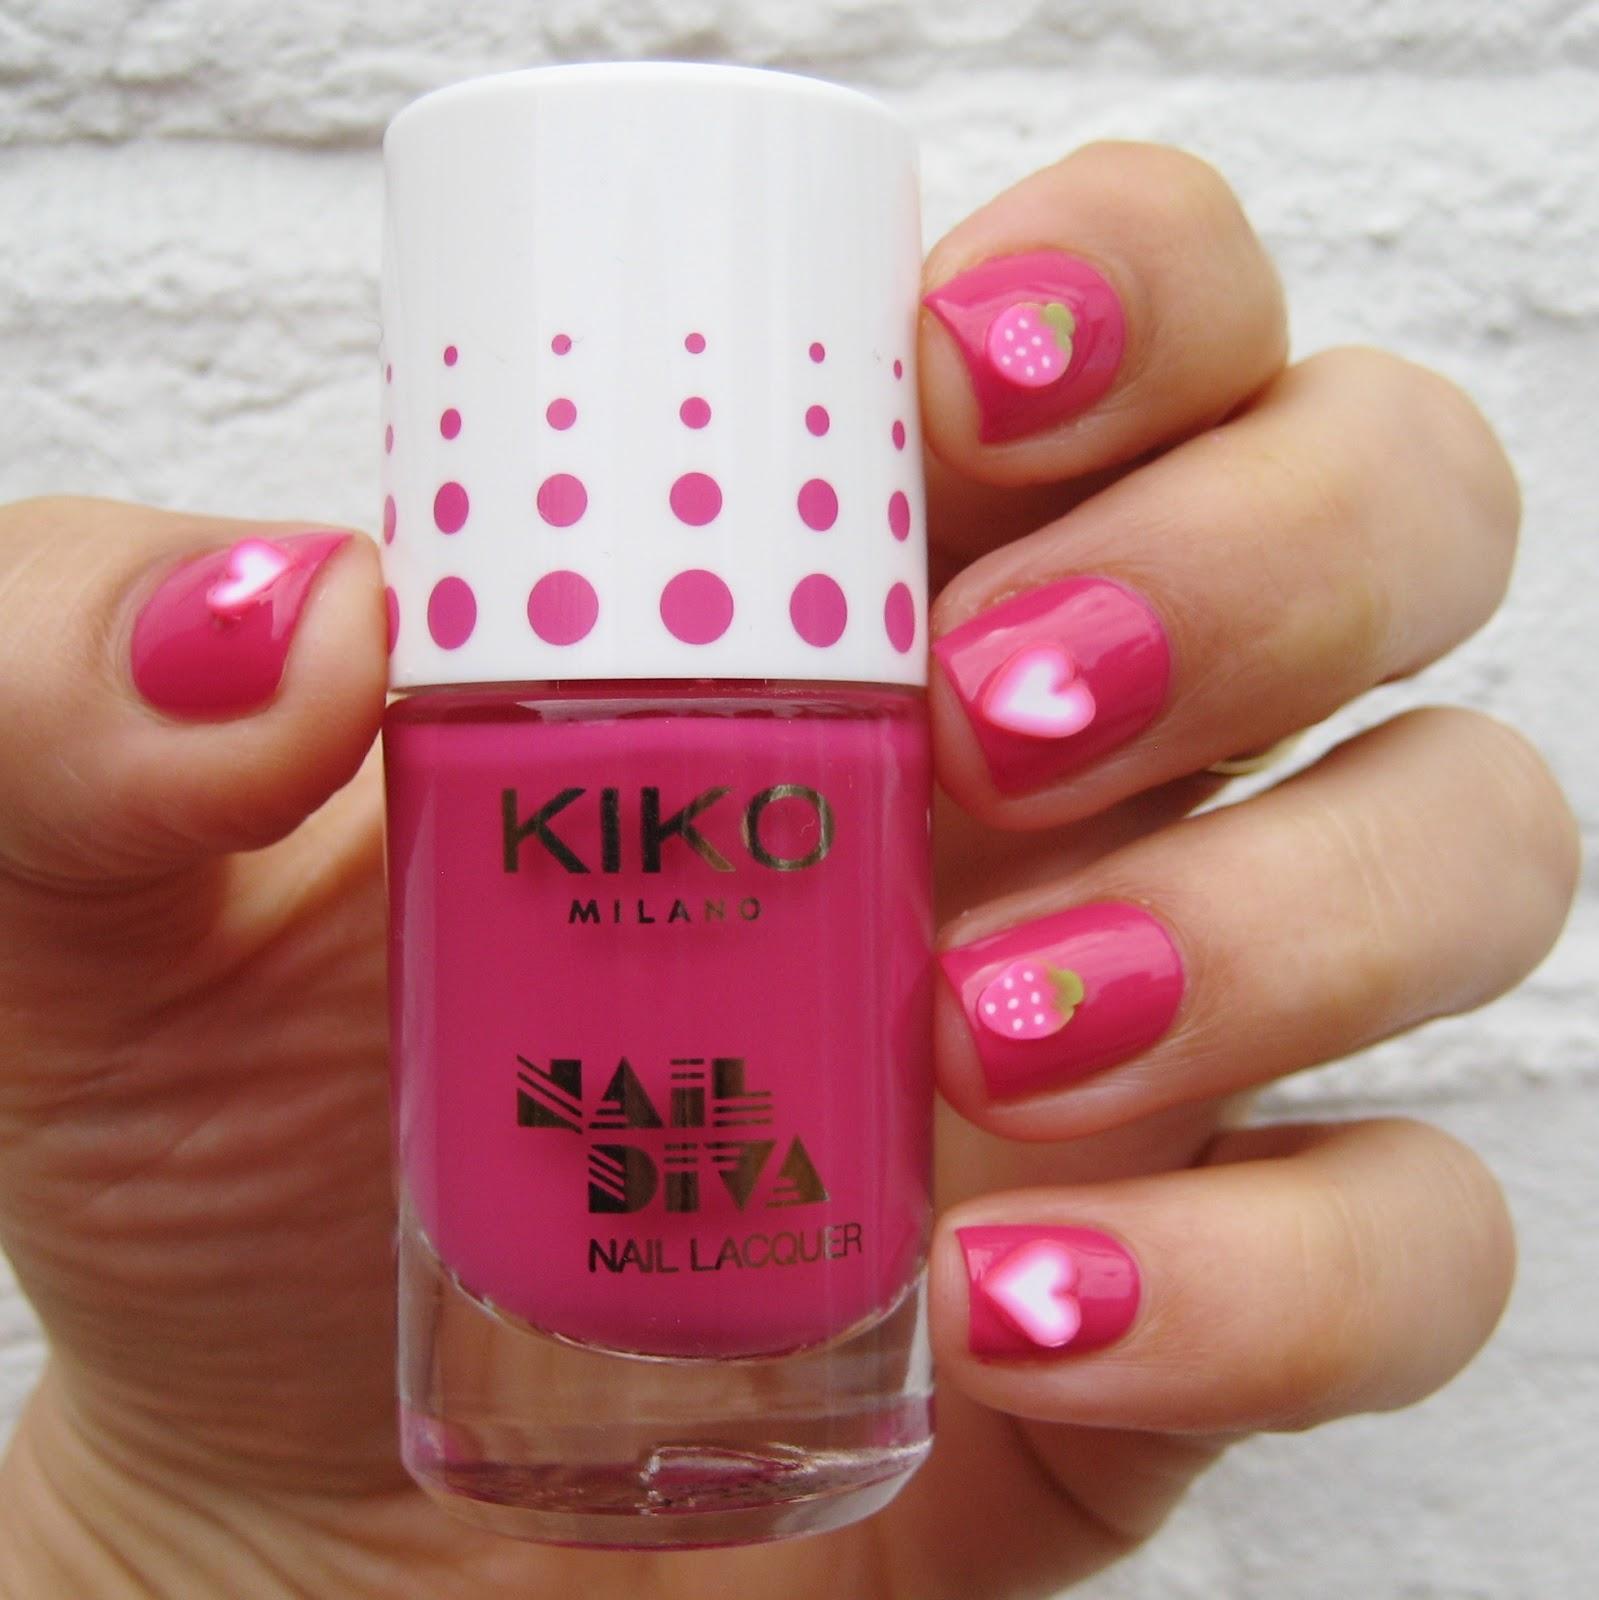 Dahlia Nails Kiko Milano Nail Diva Kit